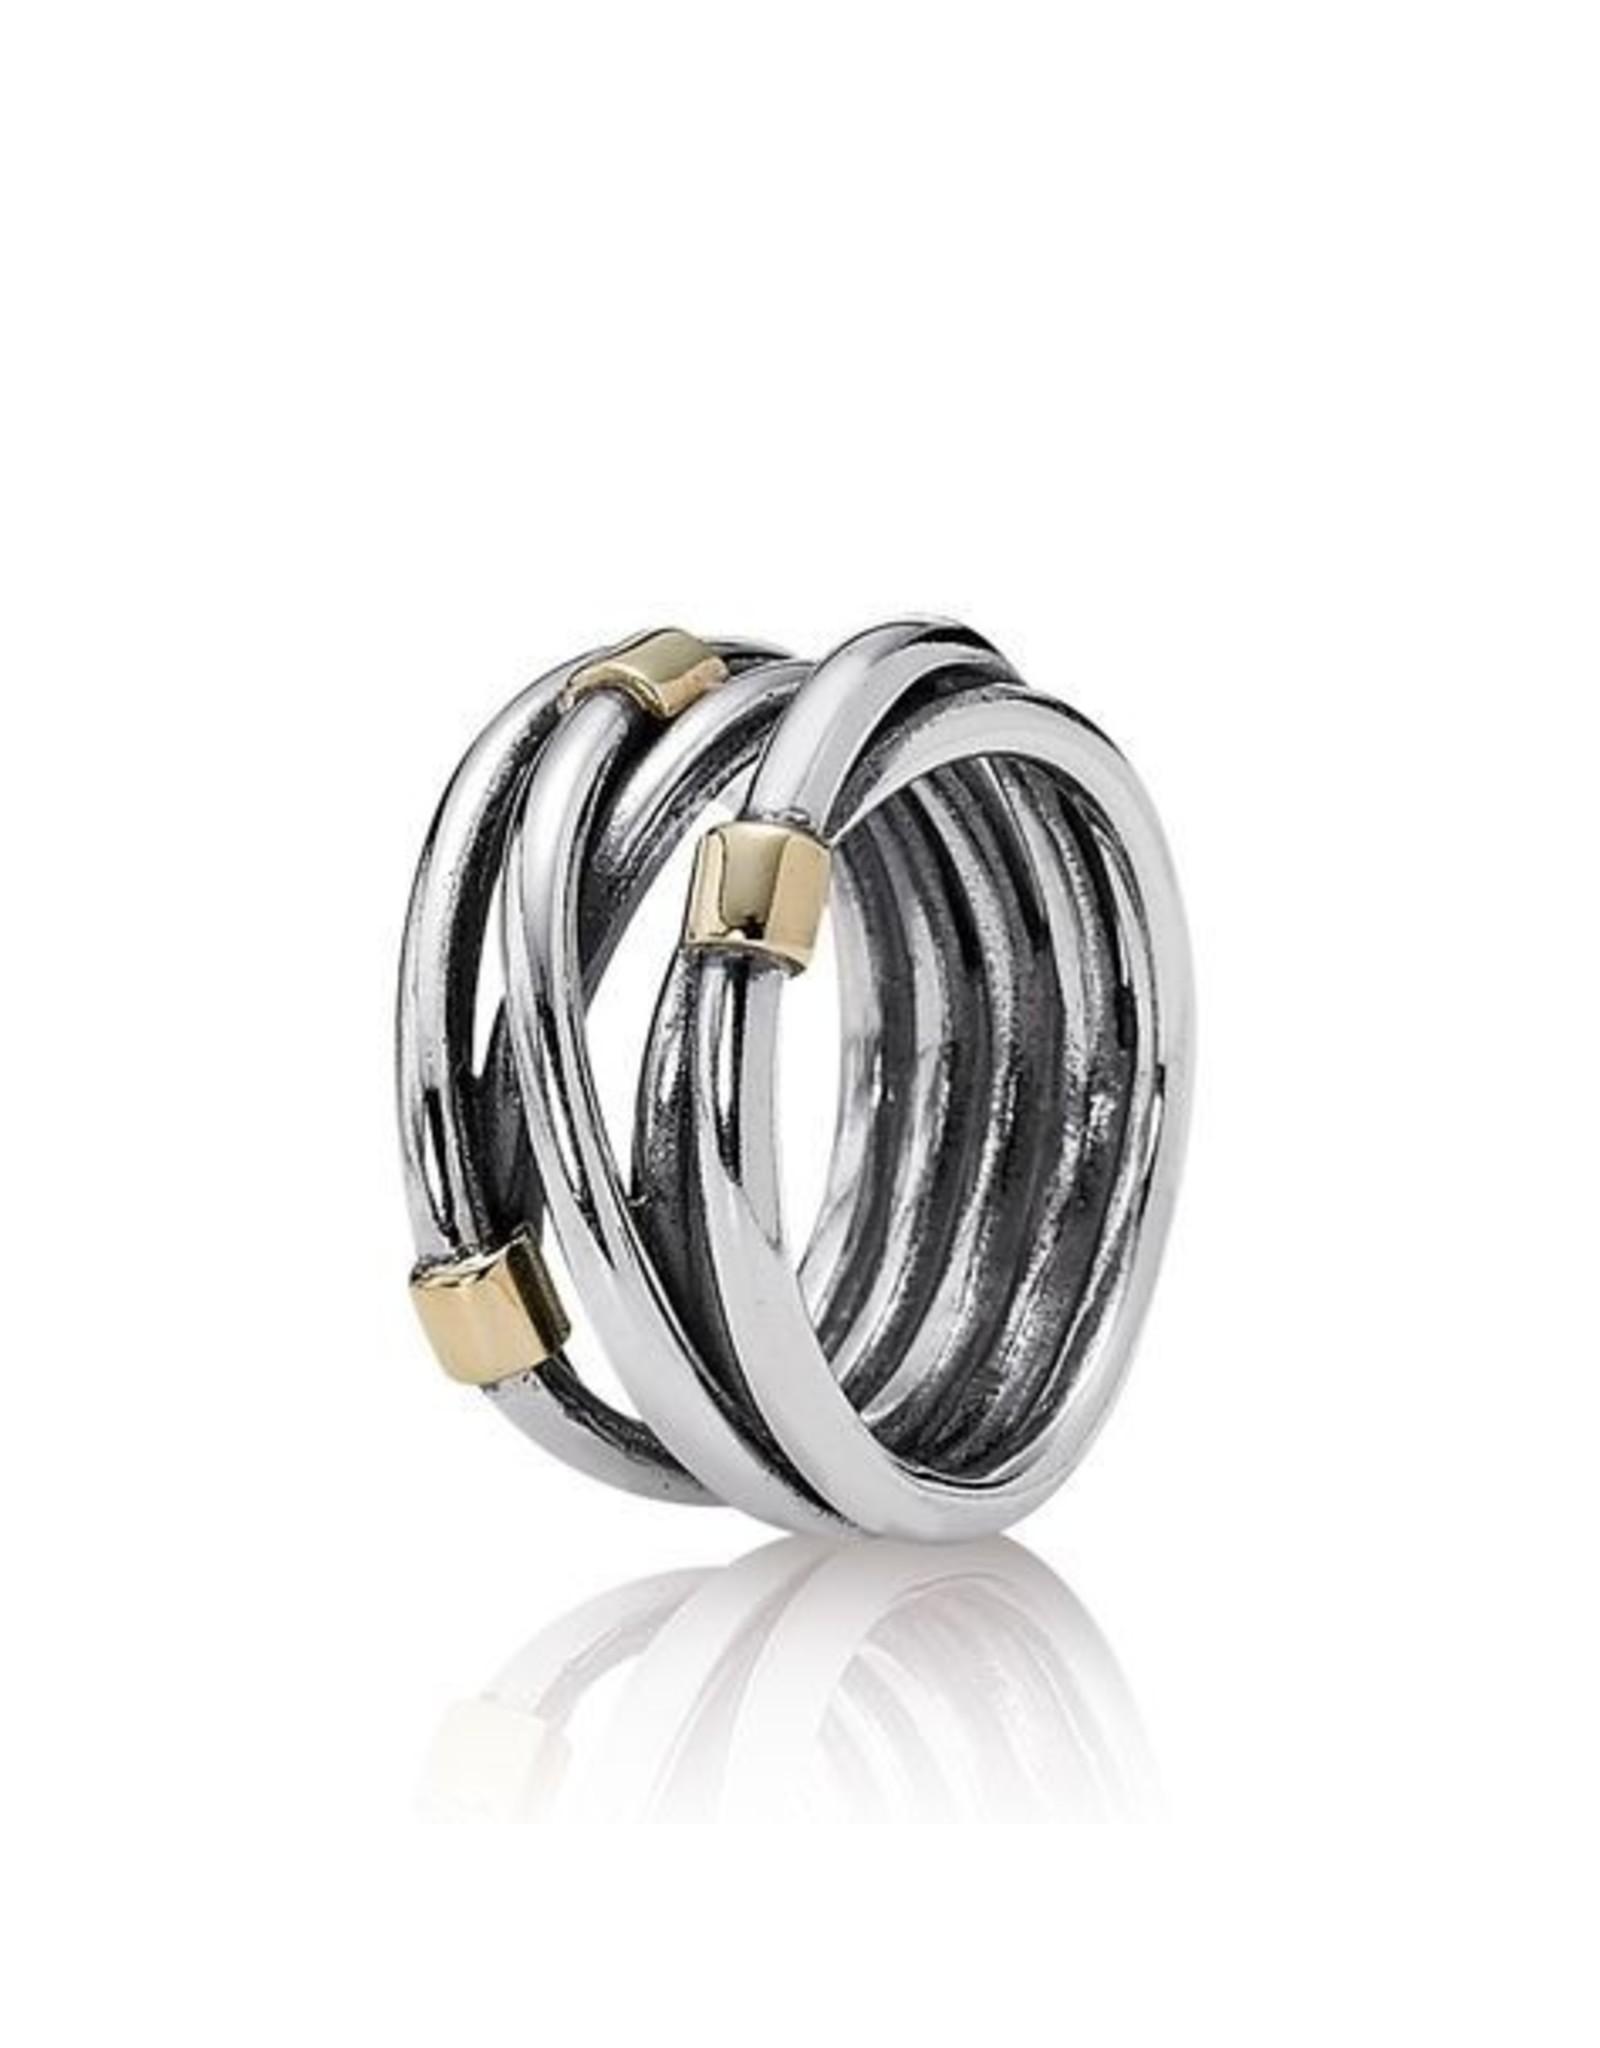 Pandora Pandora Ring, Silver Rope